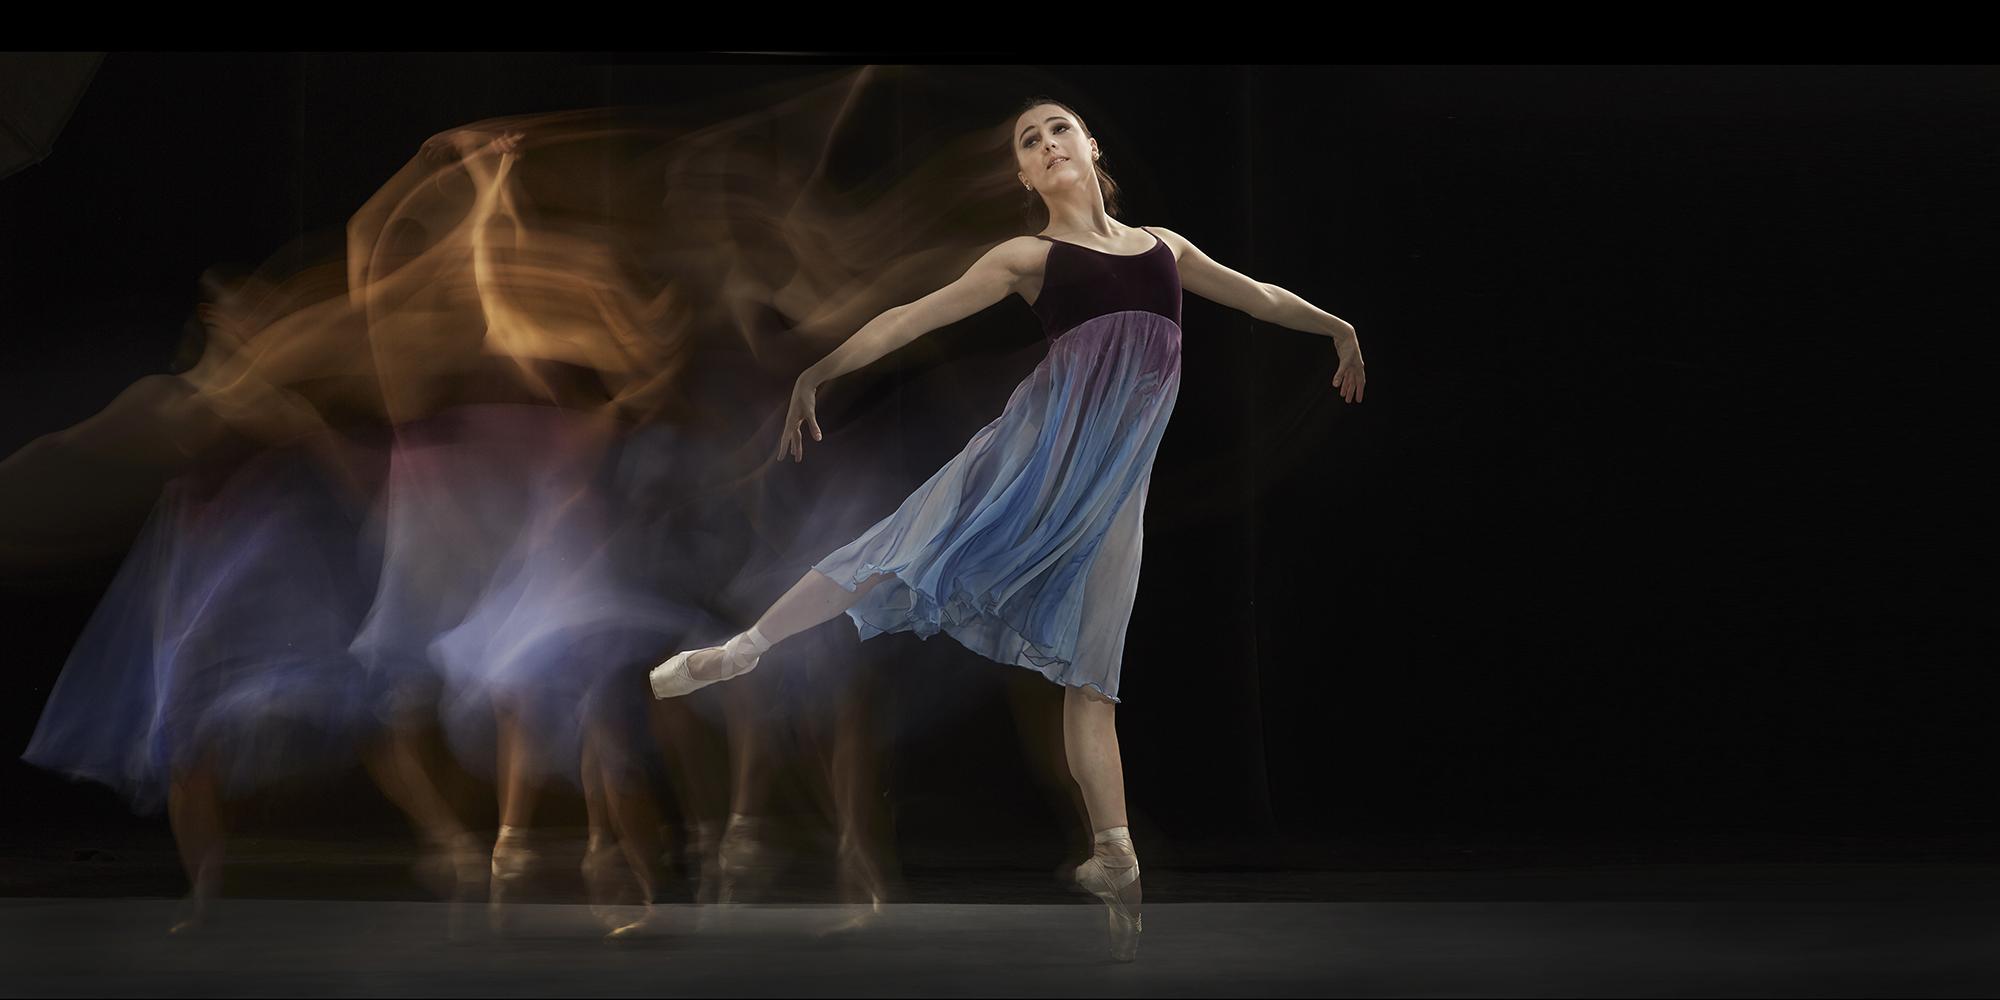 Katherine Barkman: On pointe. Photo by G-nie Arambulo